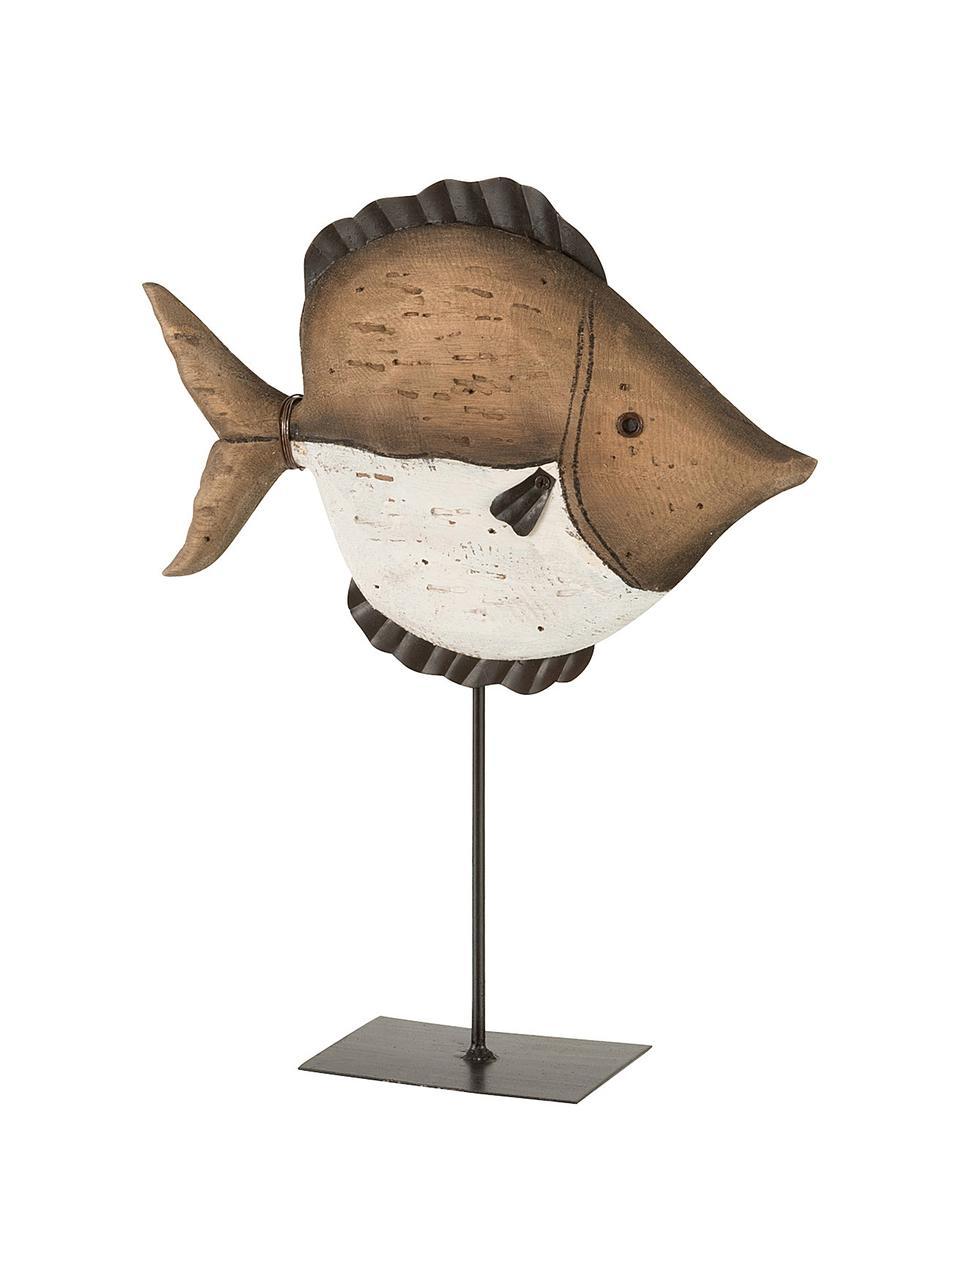 Deko-Objekt Fish, Holz, Braun, Beige, Schwarz, 25 x 33 cm